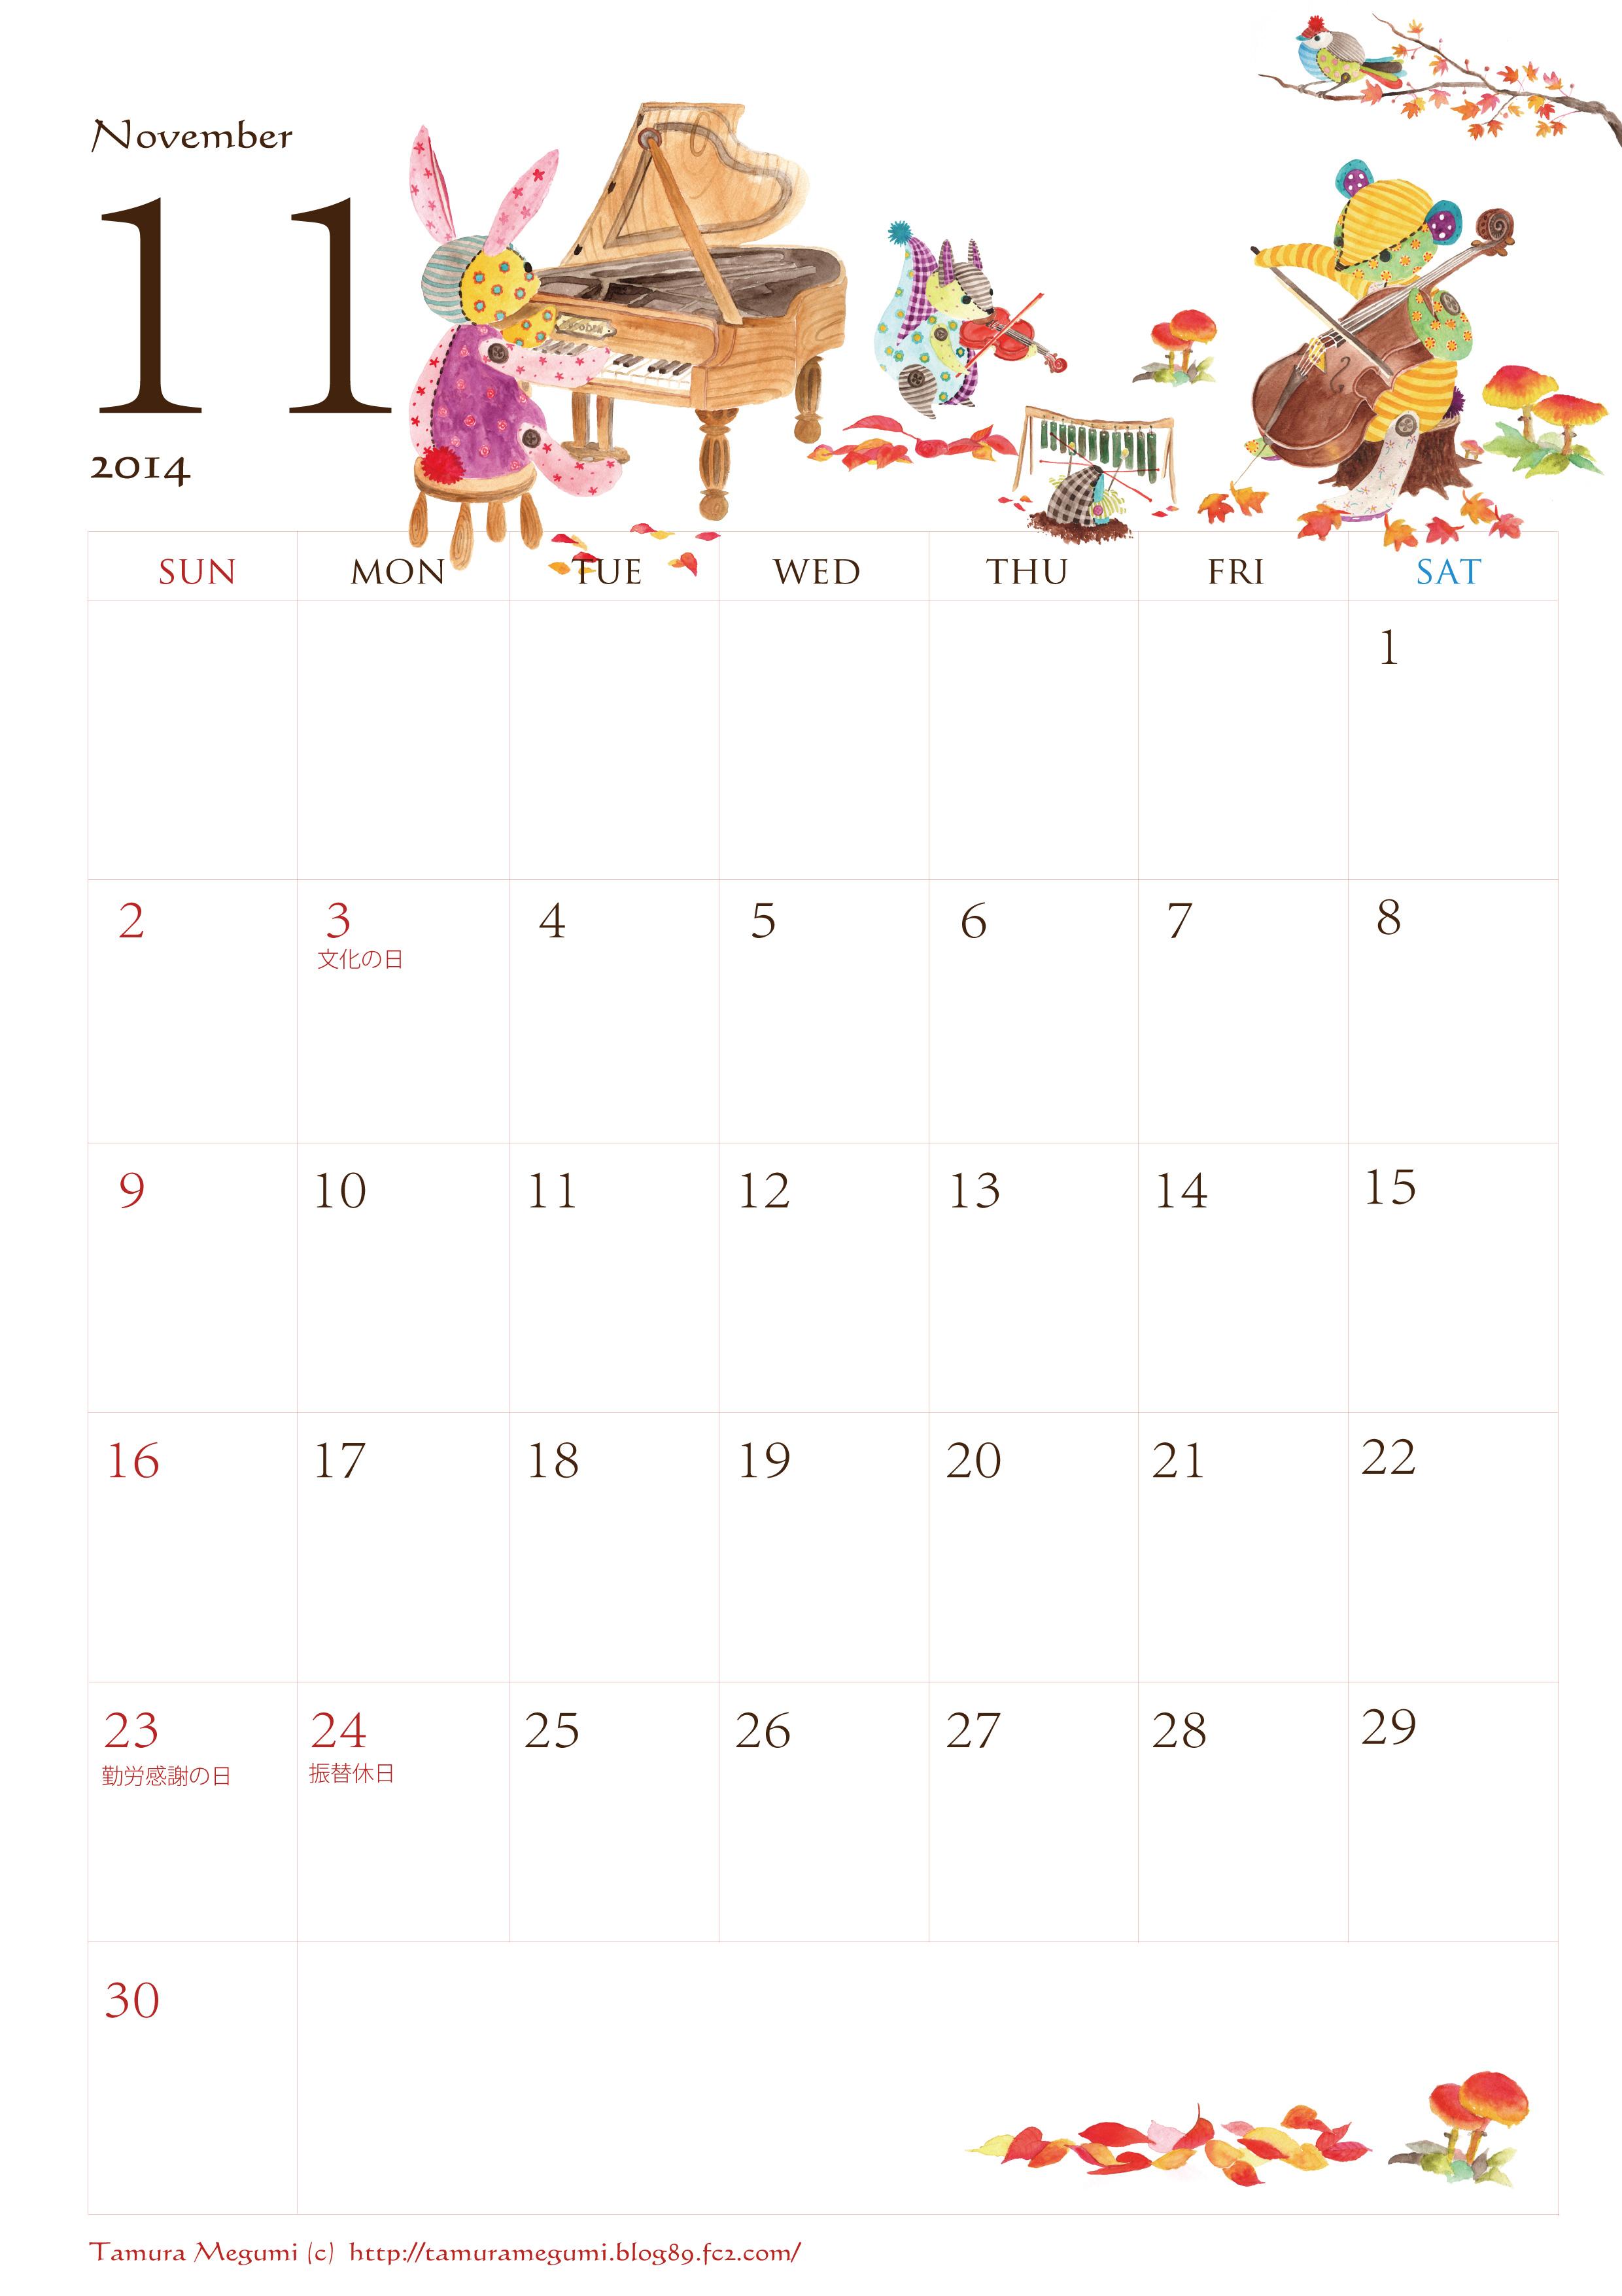 カレンダー a4 カレンダー 2014 : 2014年11月 カレンダー A4 ...